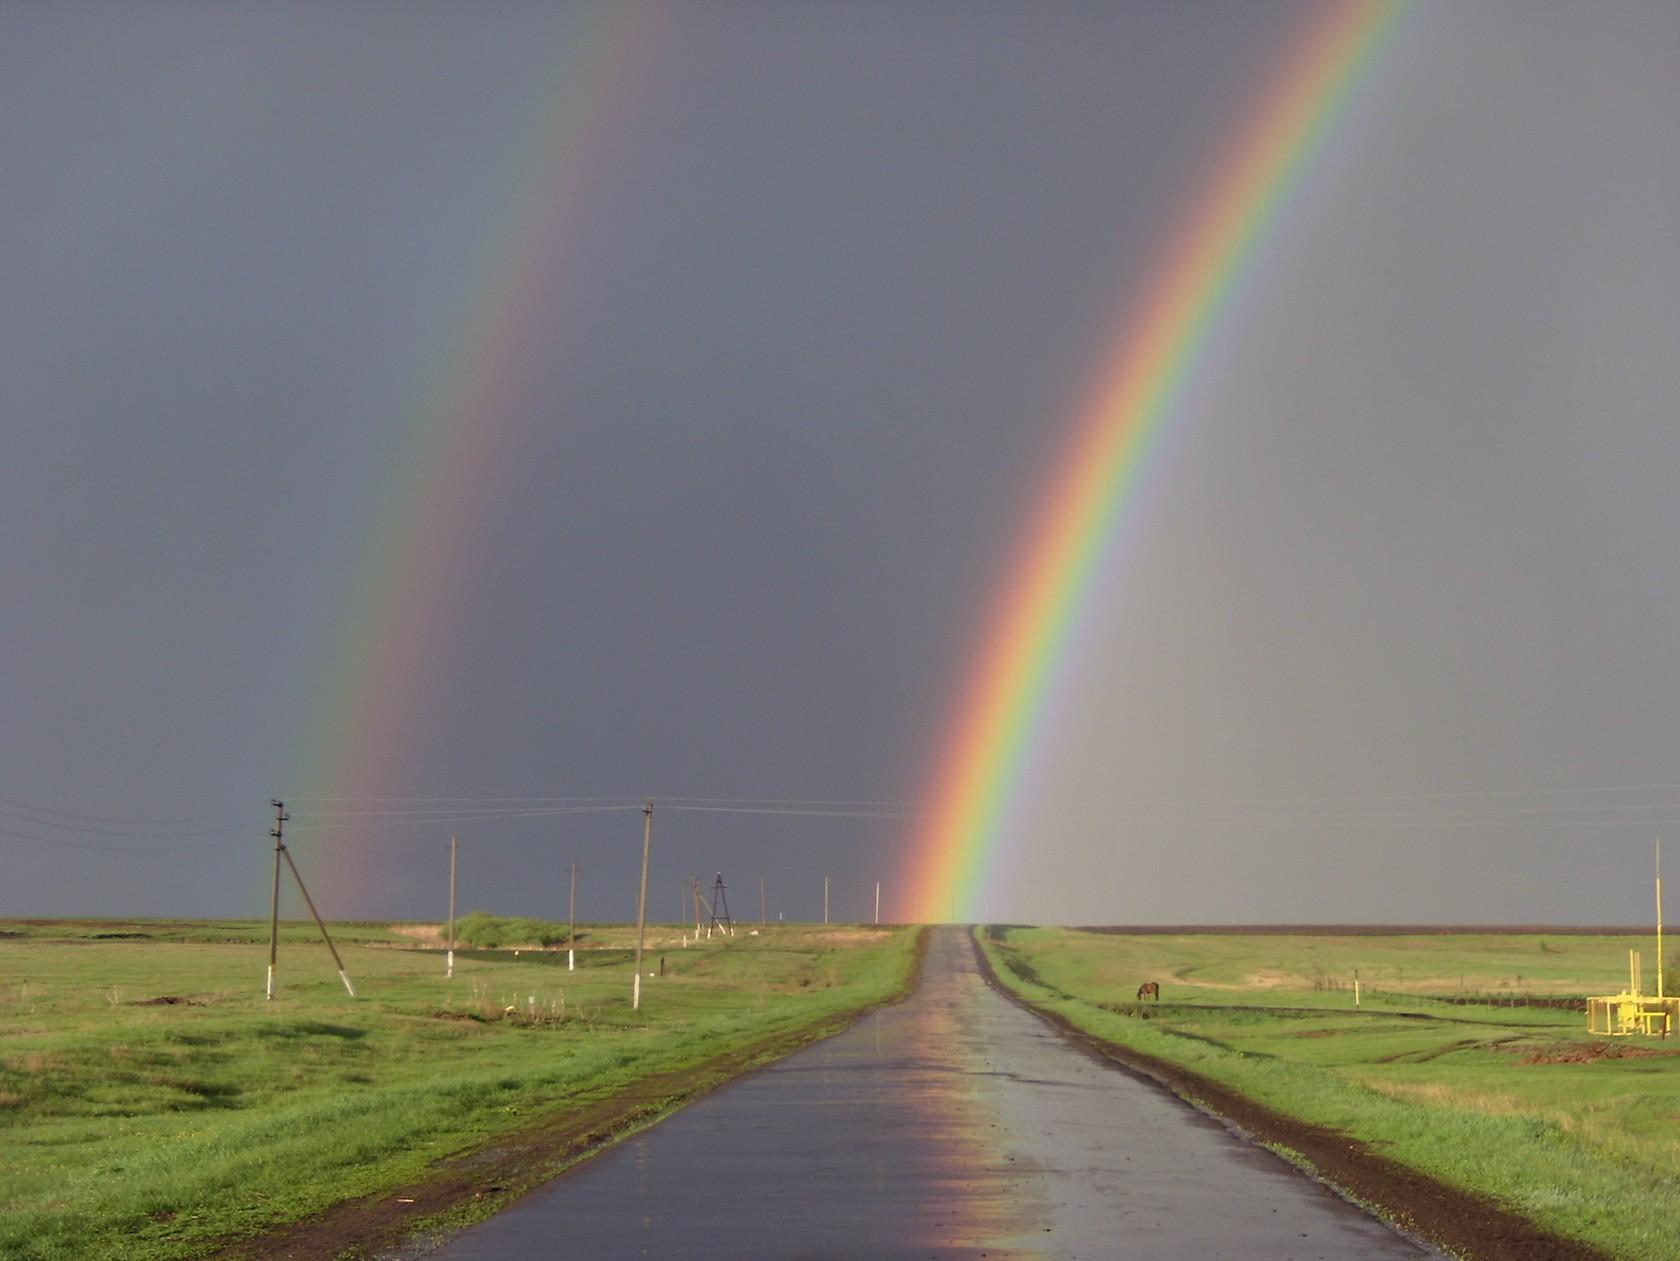 трофей три радуги фото помощью